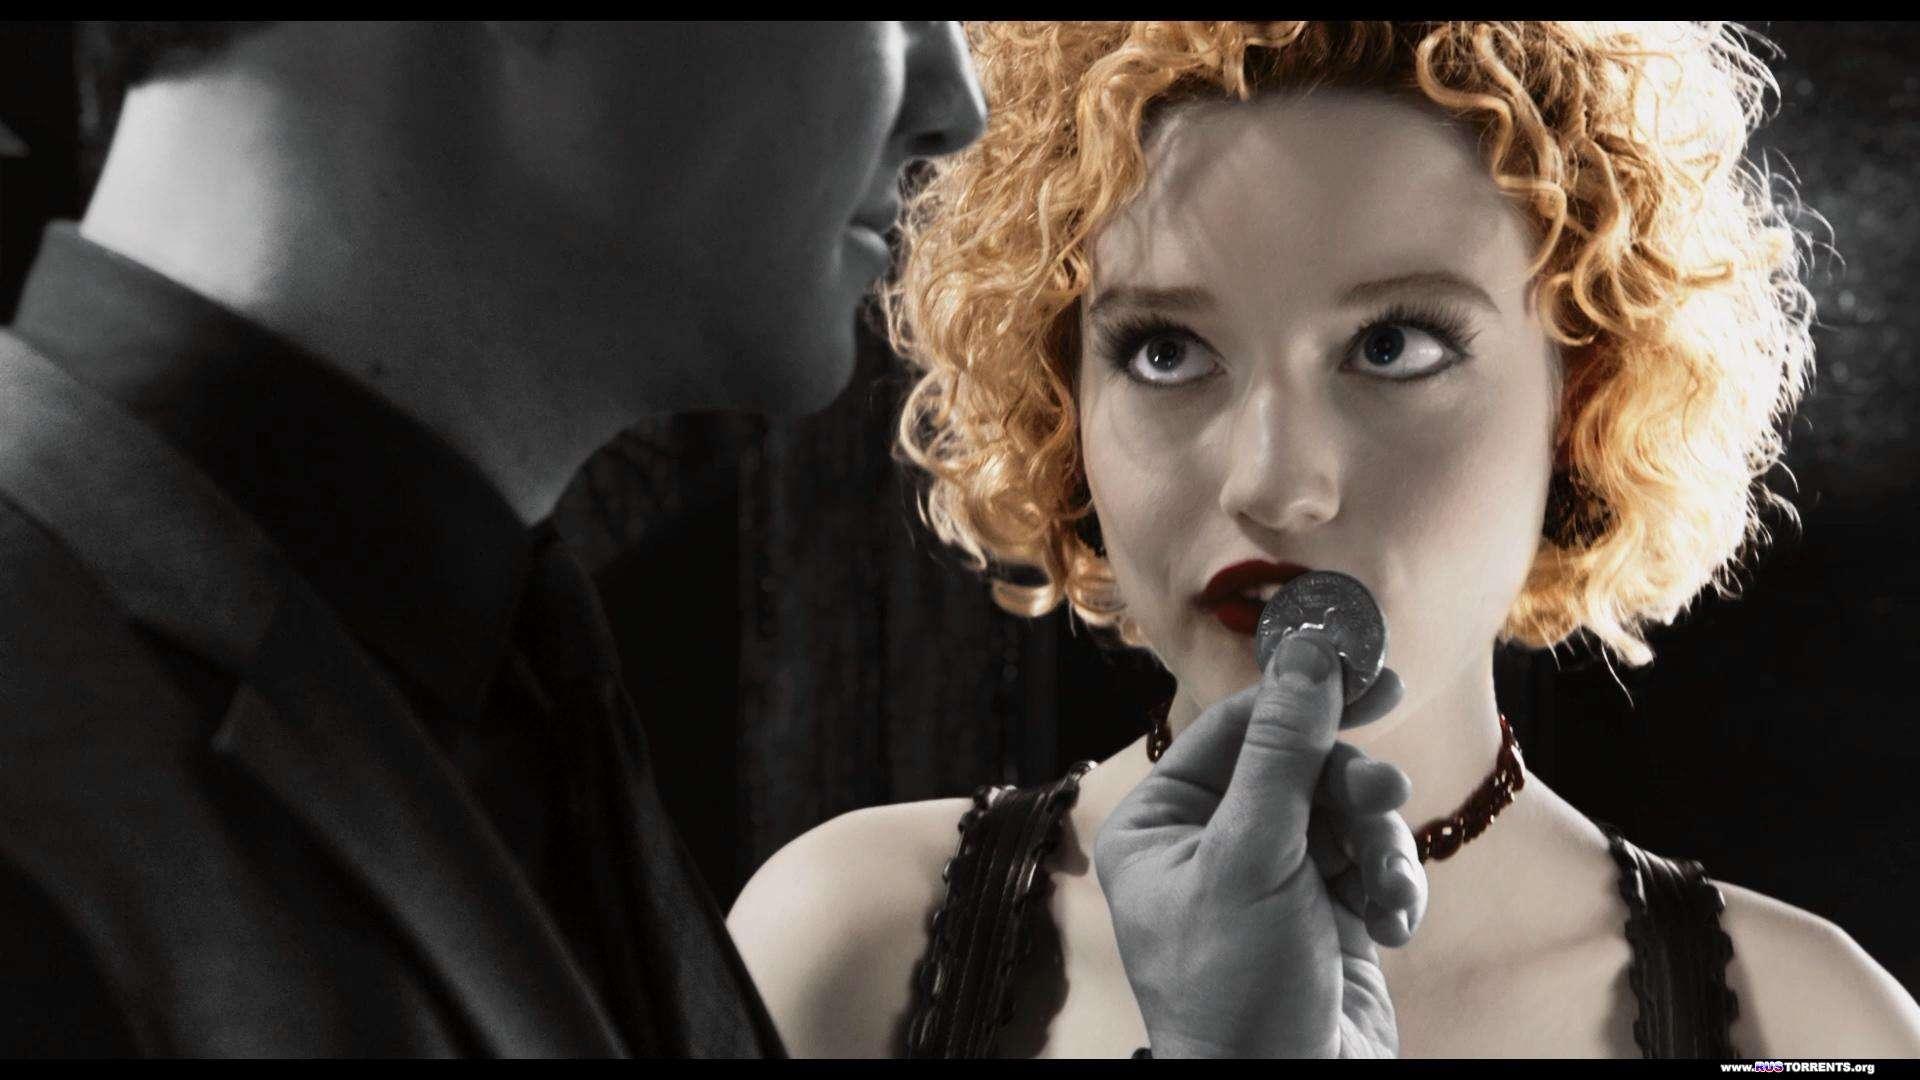 Город грехов 2: Женщина, ради которой стоит убивать | Blu-Ray 1080p | Лицезия